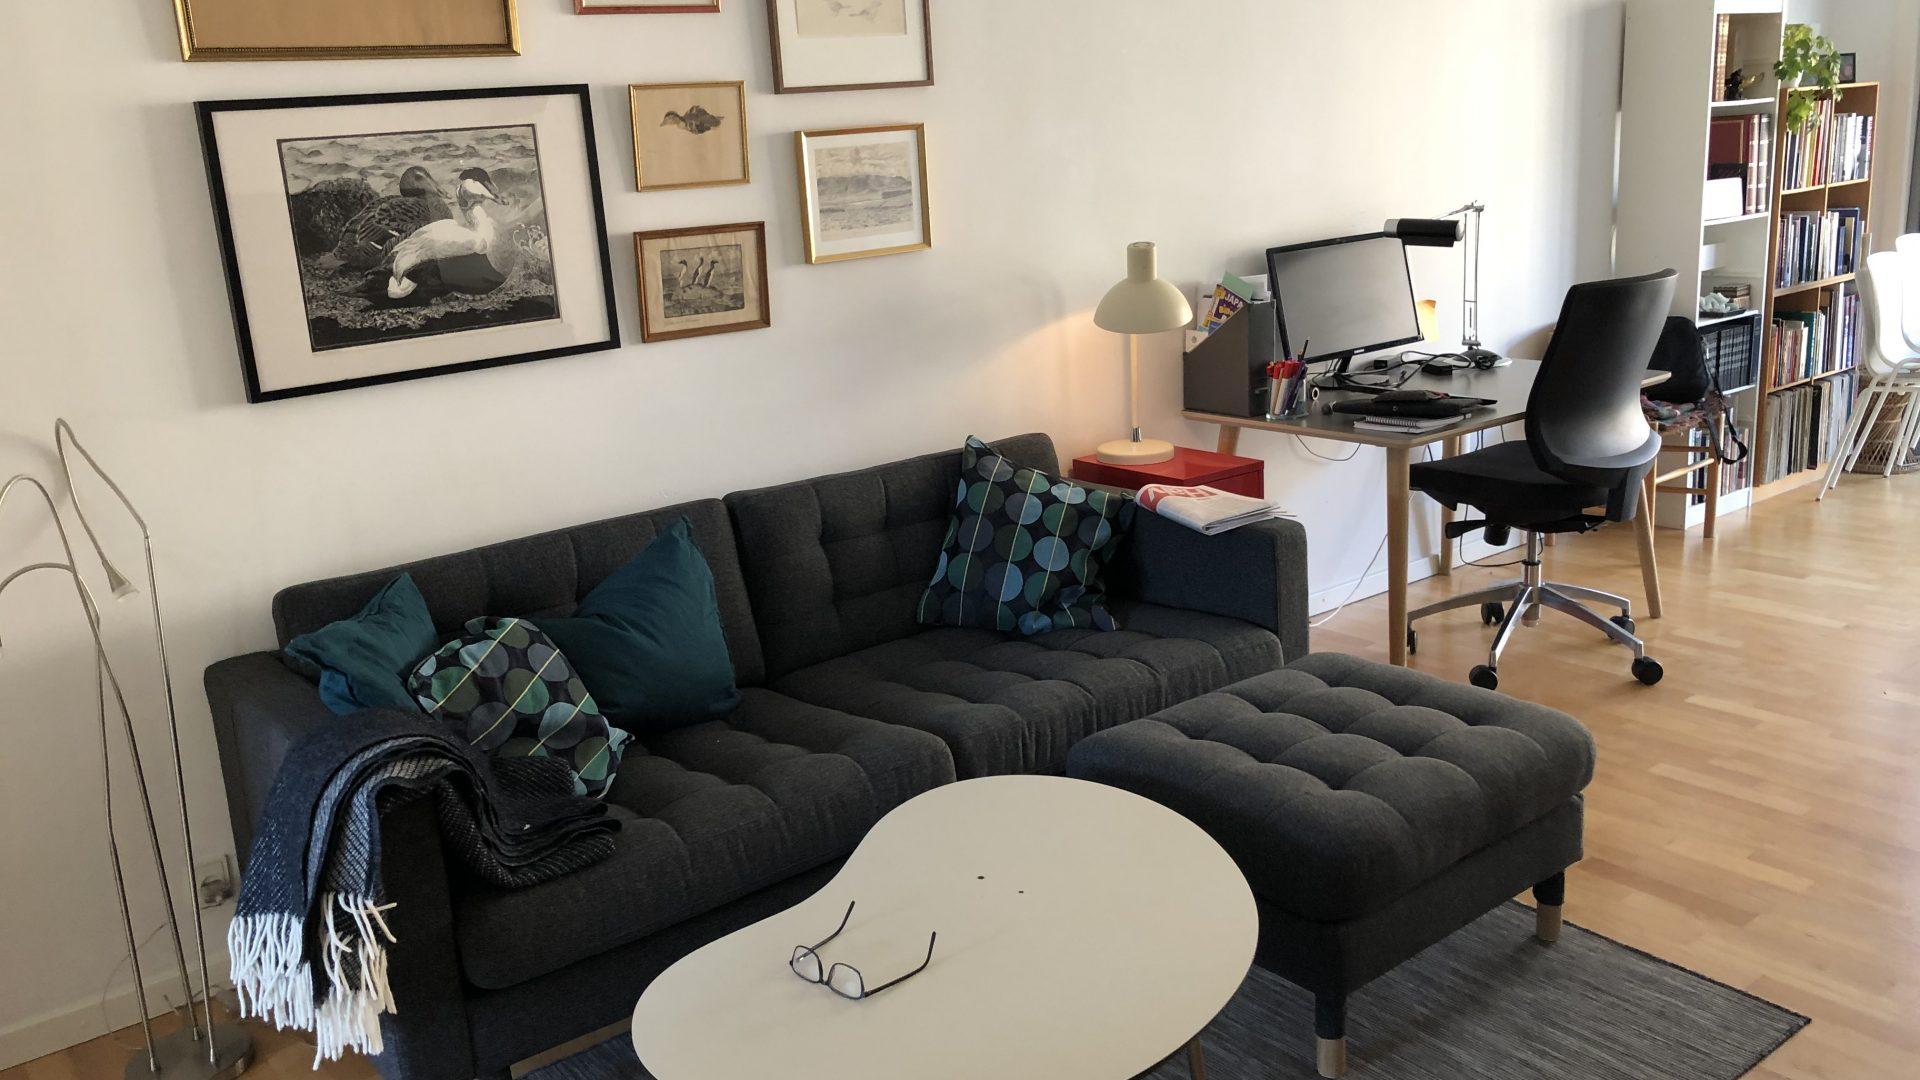 før billede indretningsguide indretningshjælp boligindretning jannidam.dk privat interiør